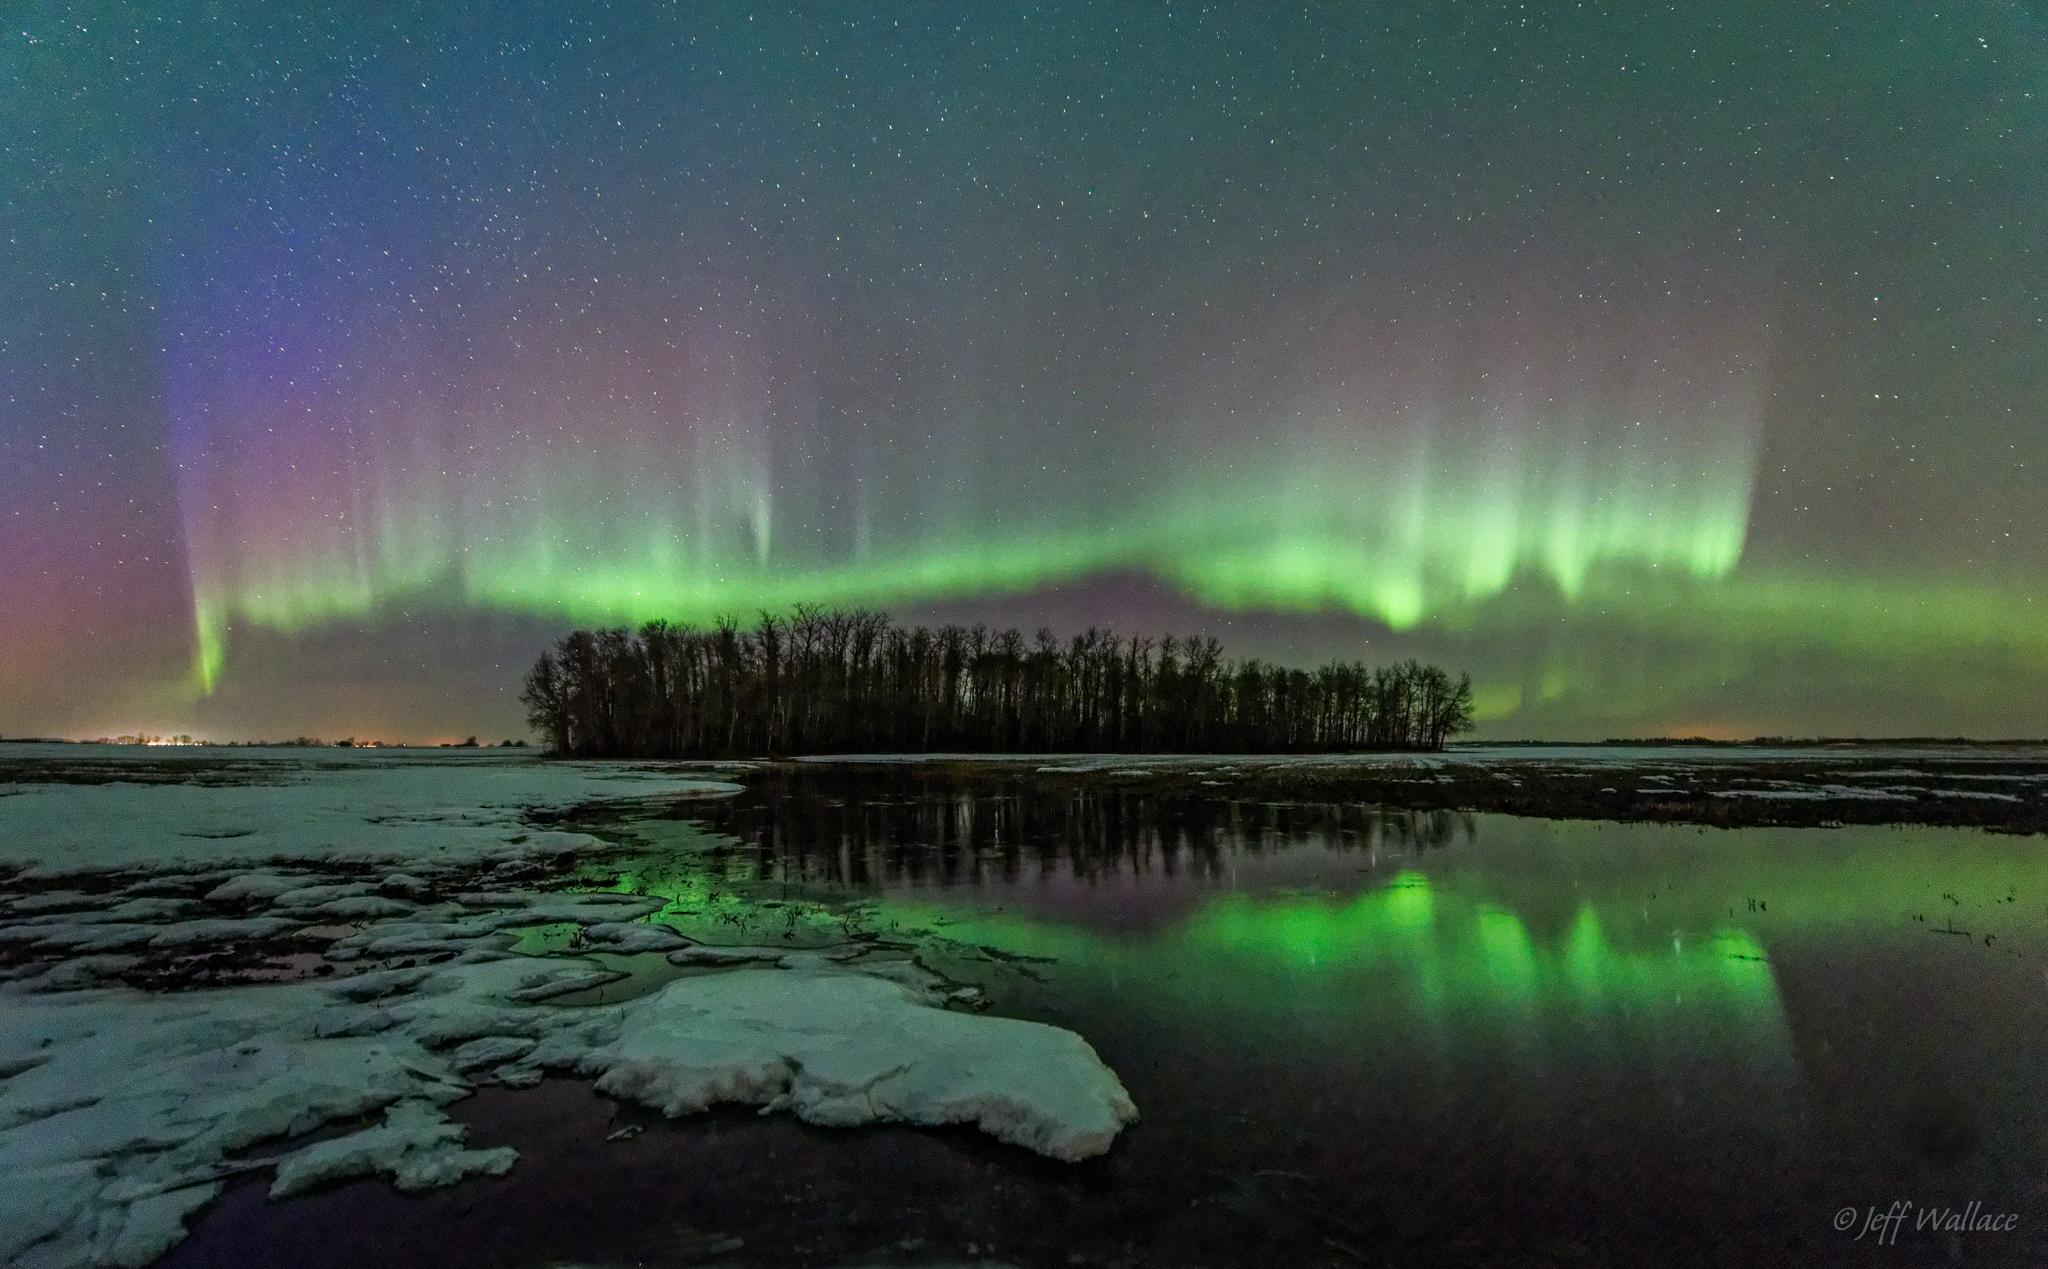 Zodra er meer dan 50% kans is op een aurora-verschijnsel dan krijg je een mailalert. Handig om te hebben als je in Jasper gaat skiën!